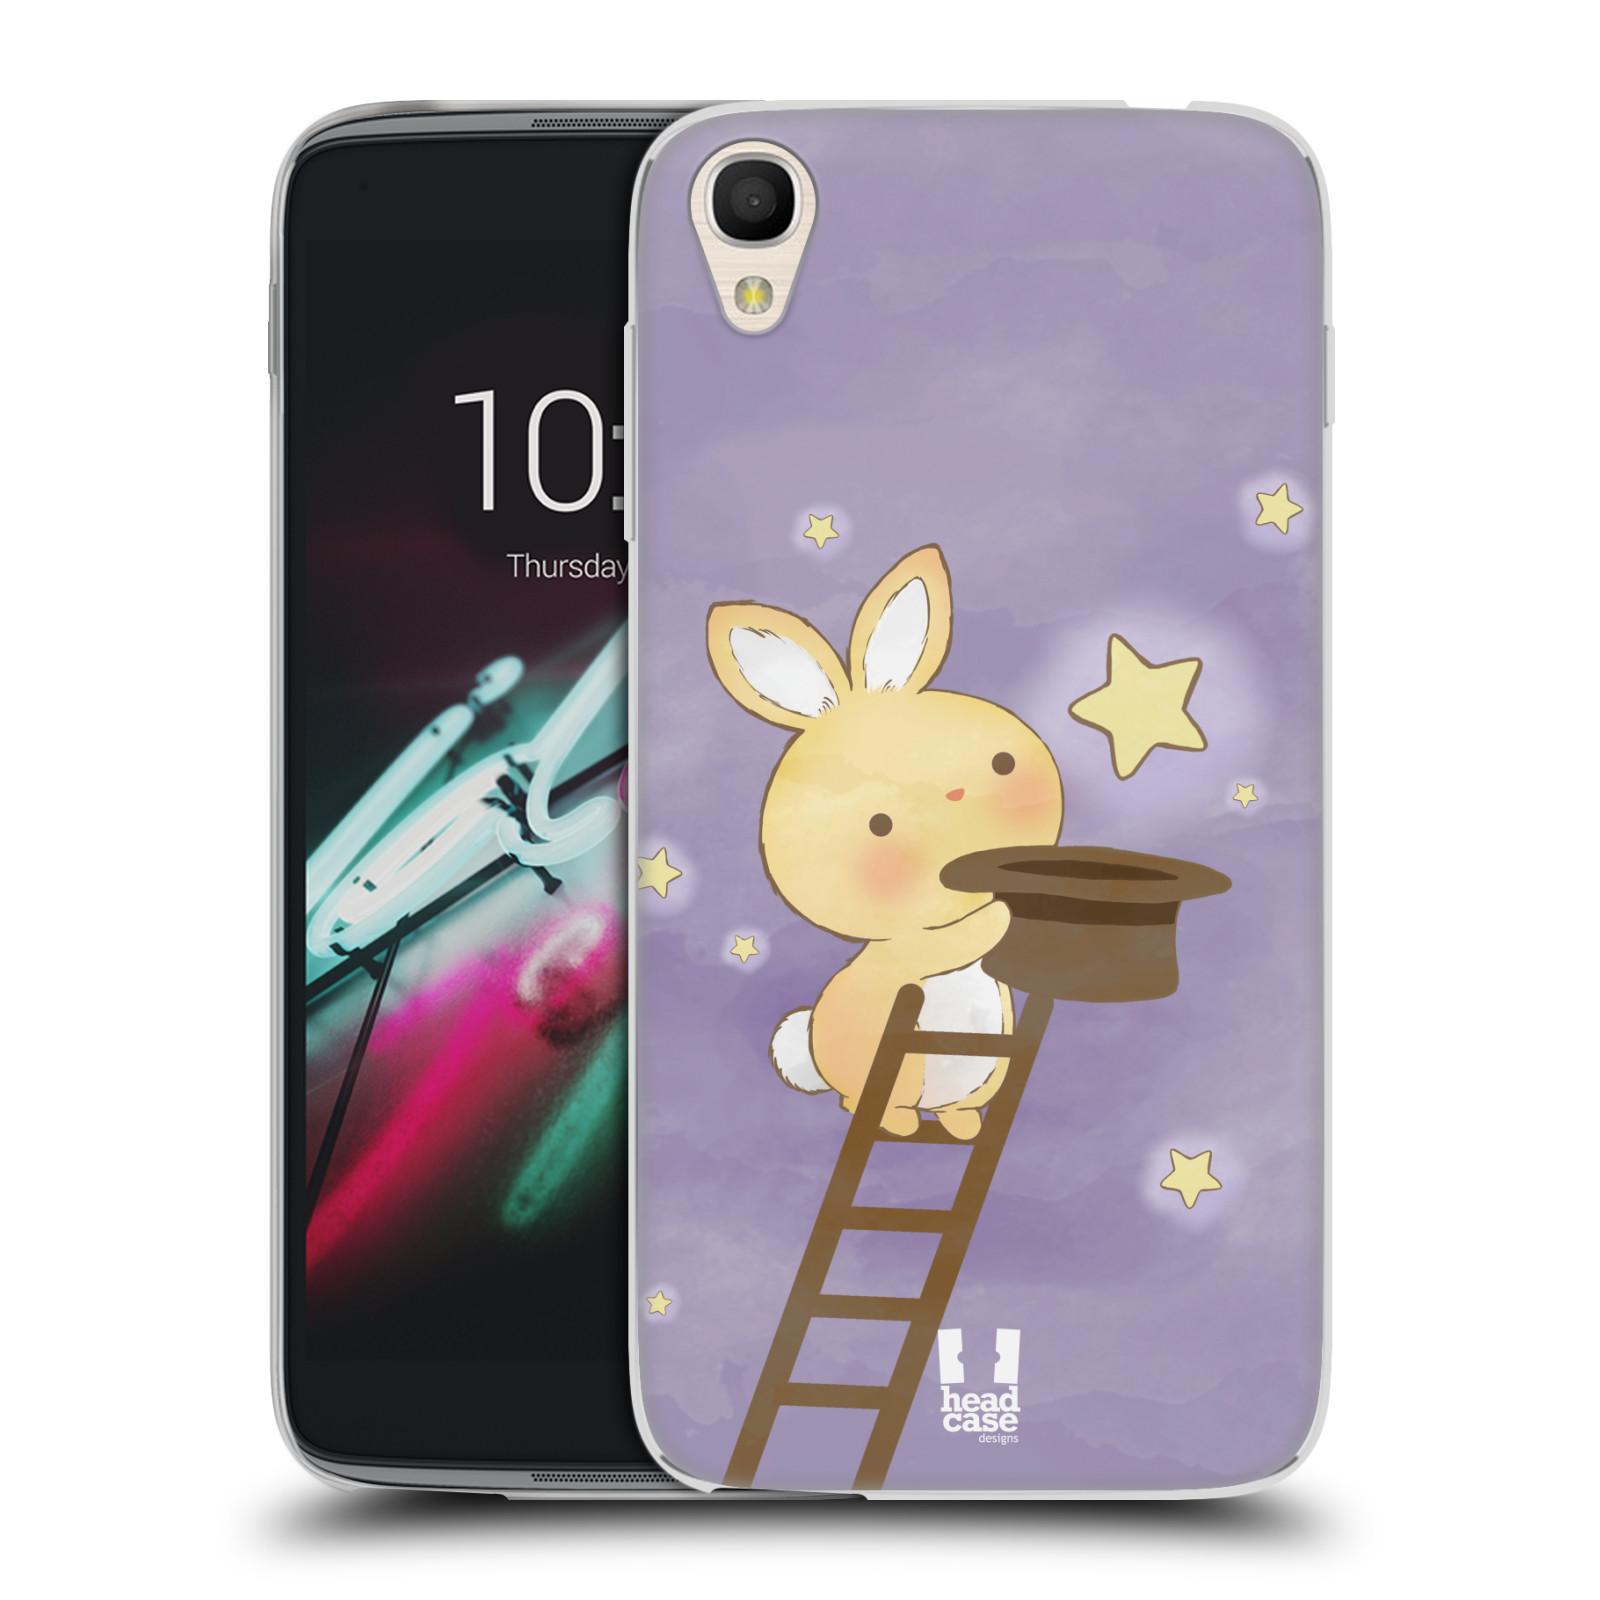 HEAD CASE silikonový obal na mobil Alcatel Idol 3 OT-6039Y (4.7) vzor králíček a hvězdy fialová